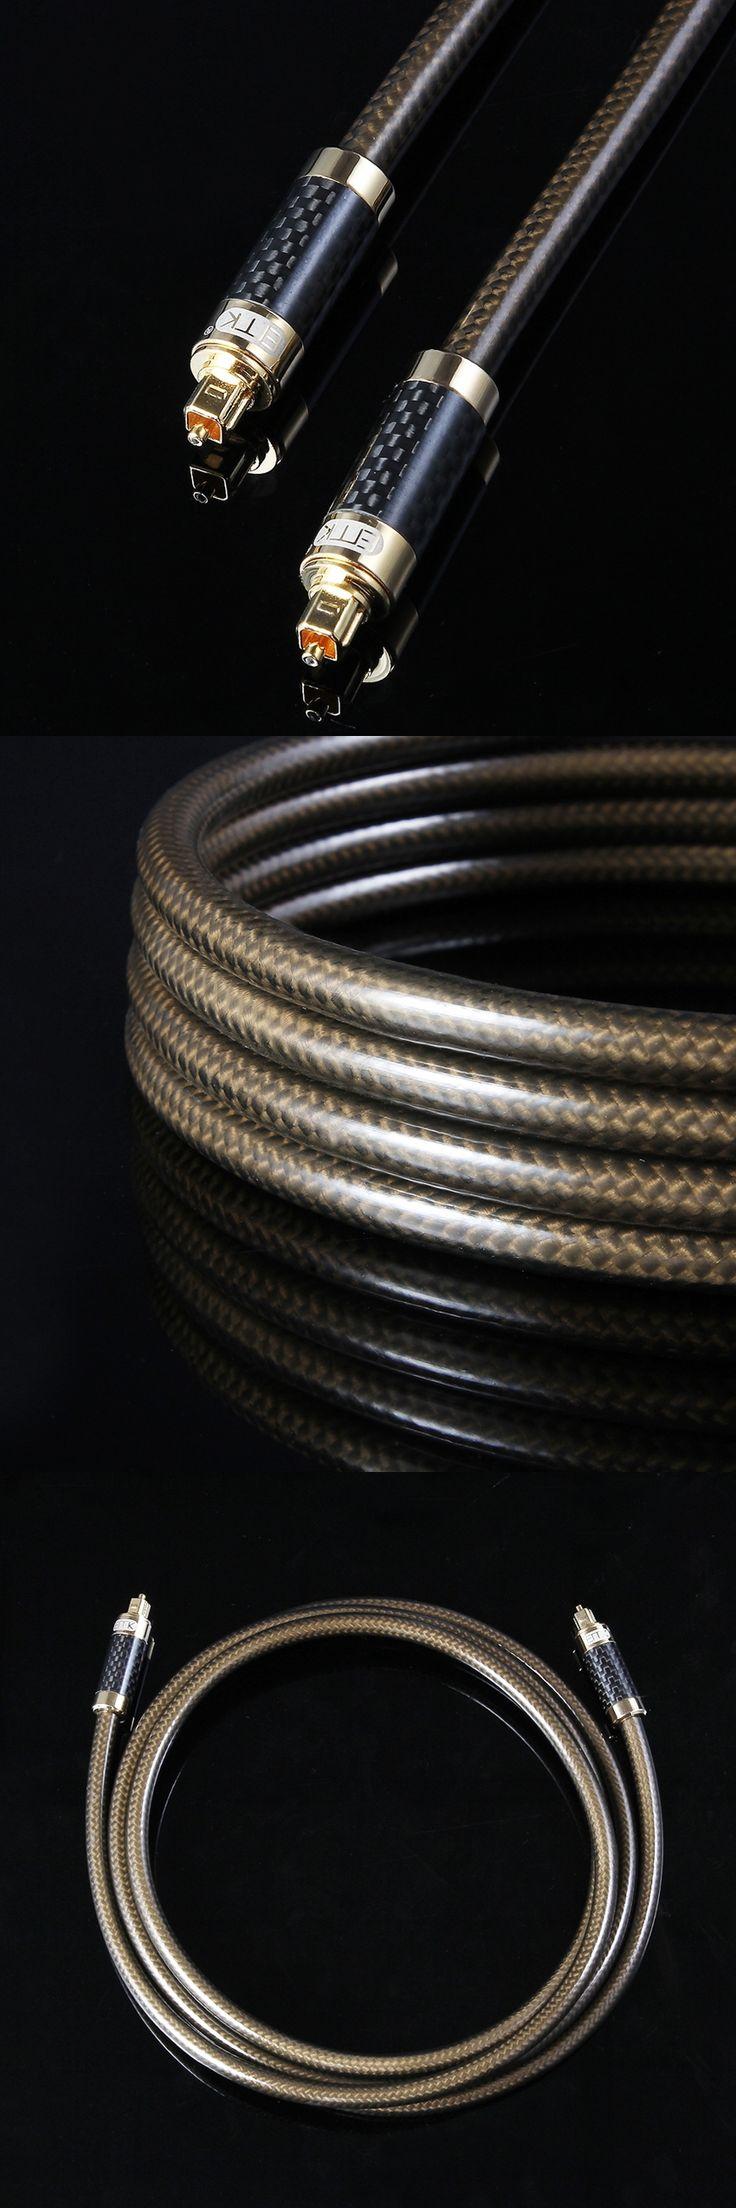 Die besten 25+ Coaxial kabel Ideen auf Pinterest | Beistelltische ...